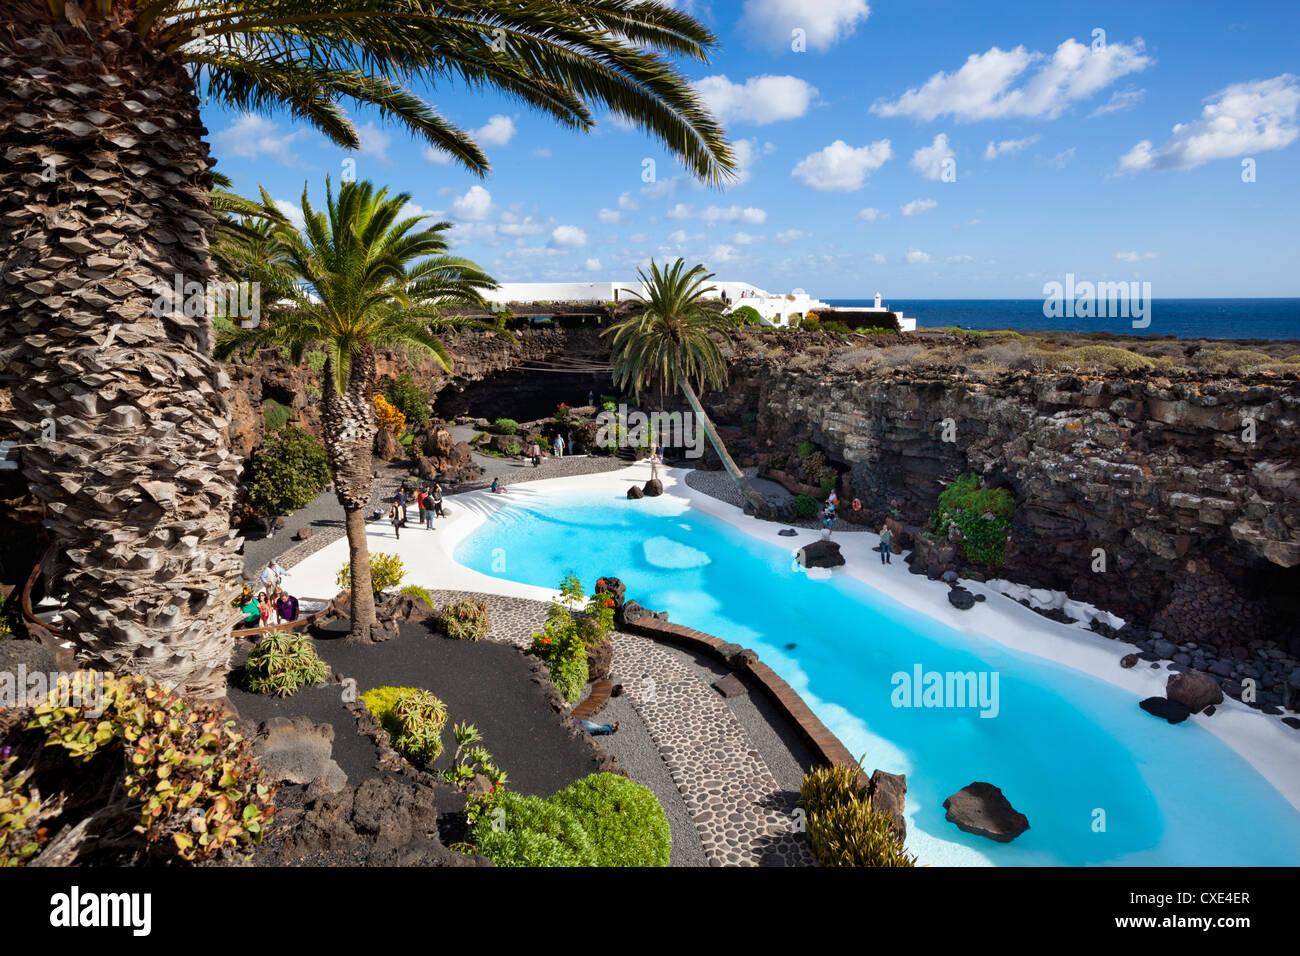 Blaue und weiße Pool, Jameos del Agua, in der Nähe von Arrieta, Lanzarote, Kanarische Inseln, Spanien Stockbild